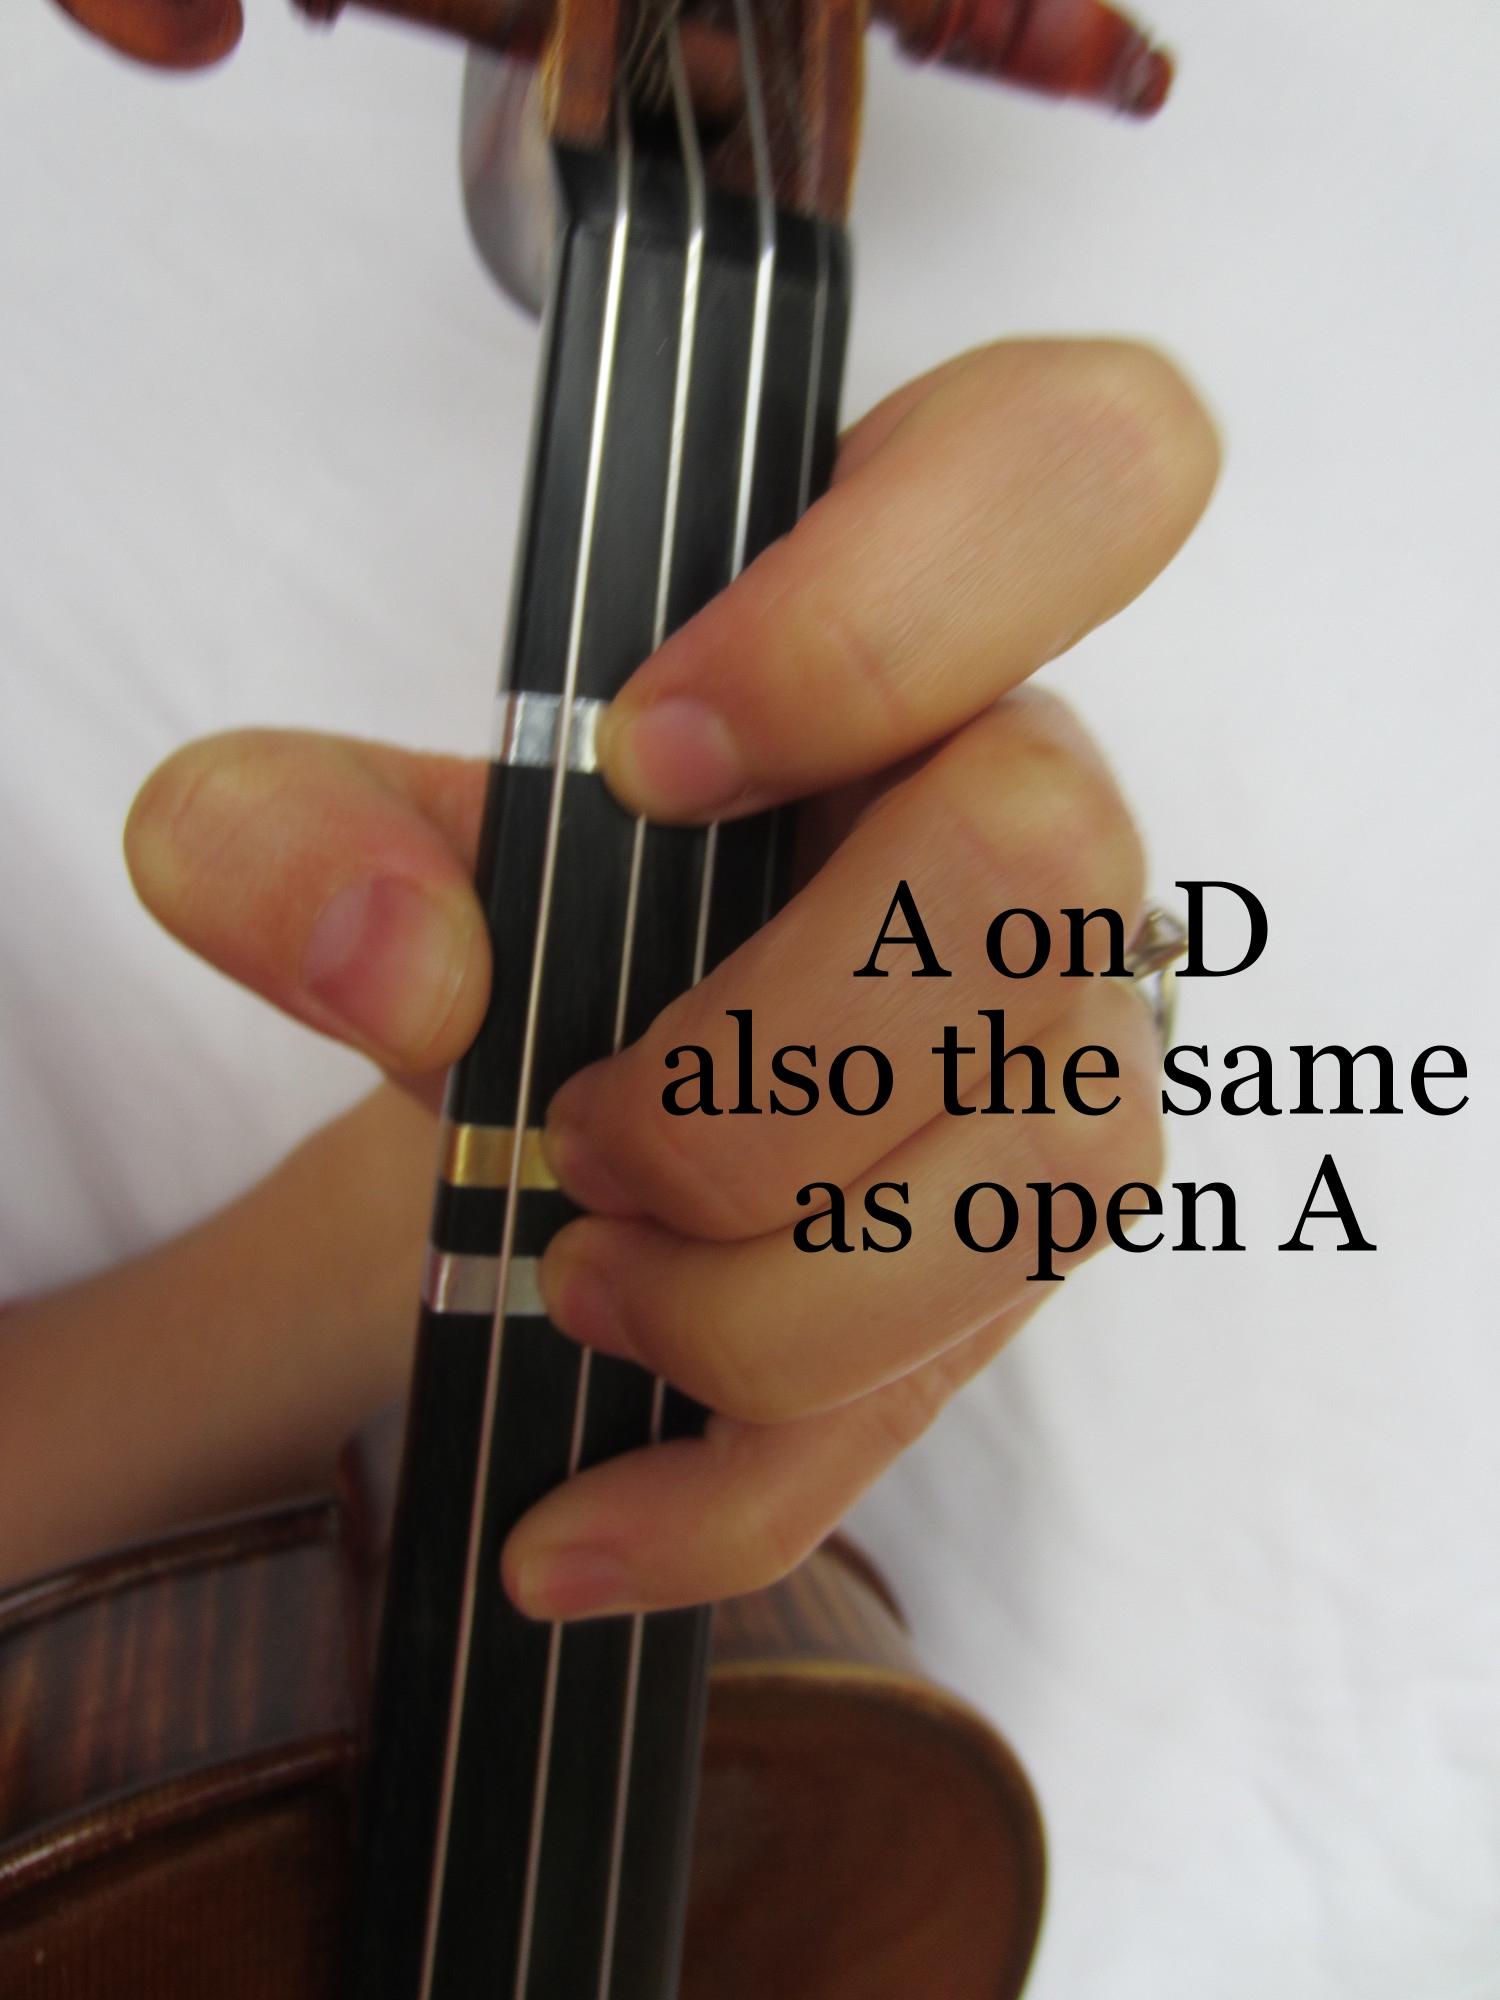 Violin Fingering A on D.JPG